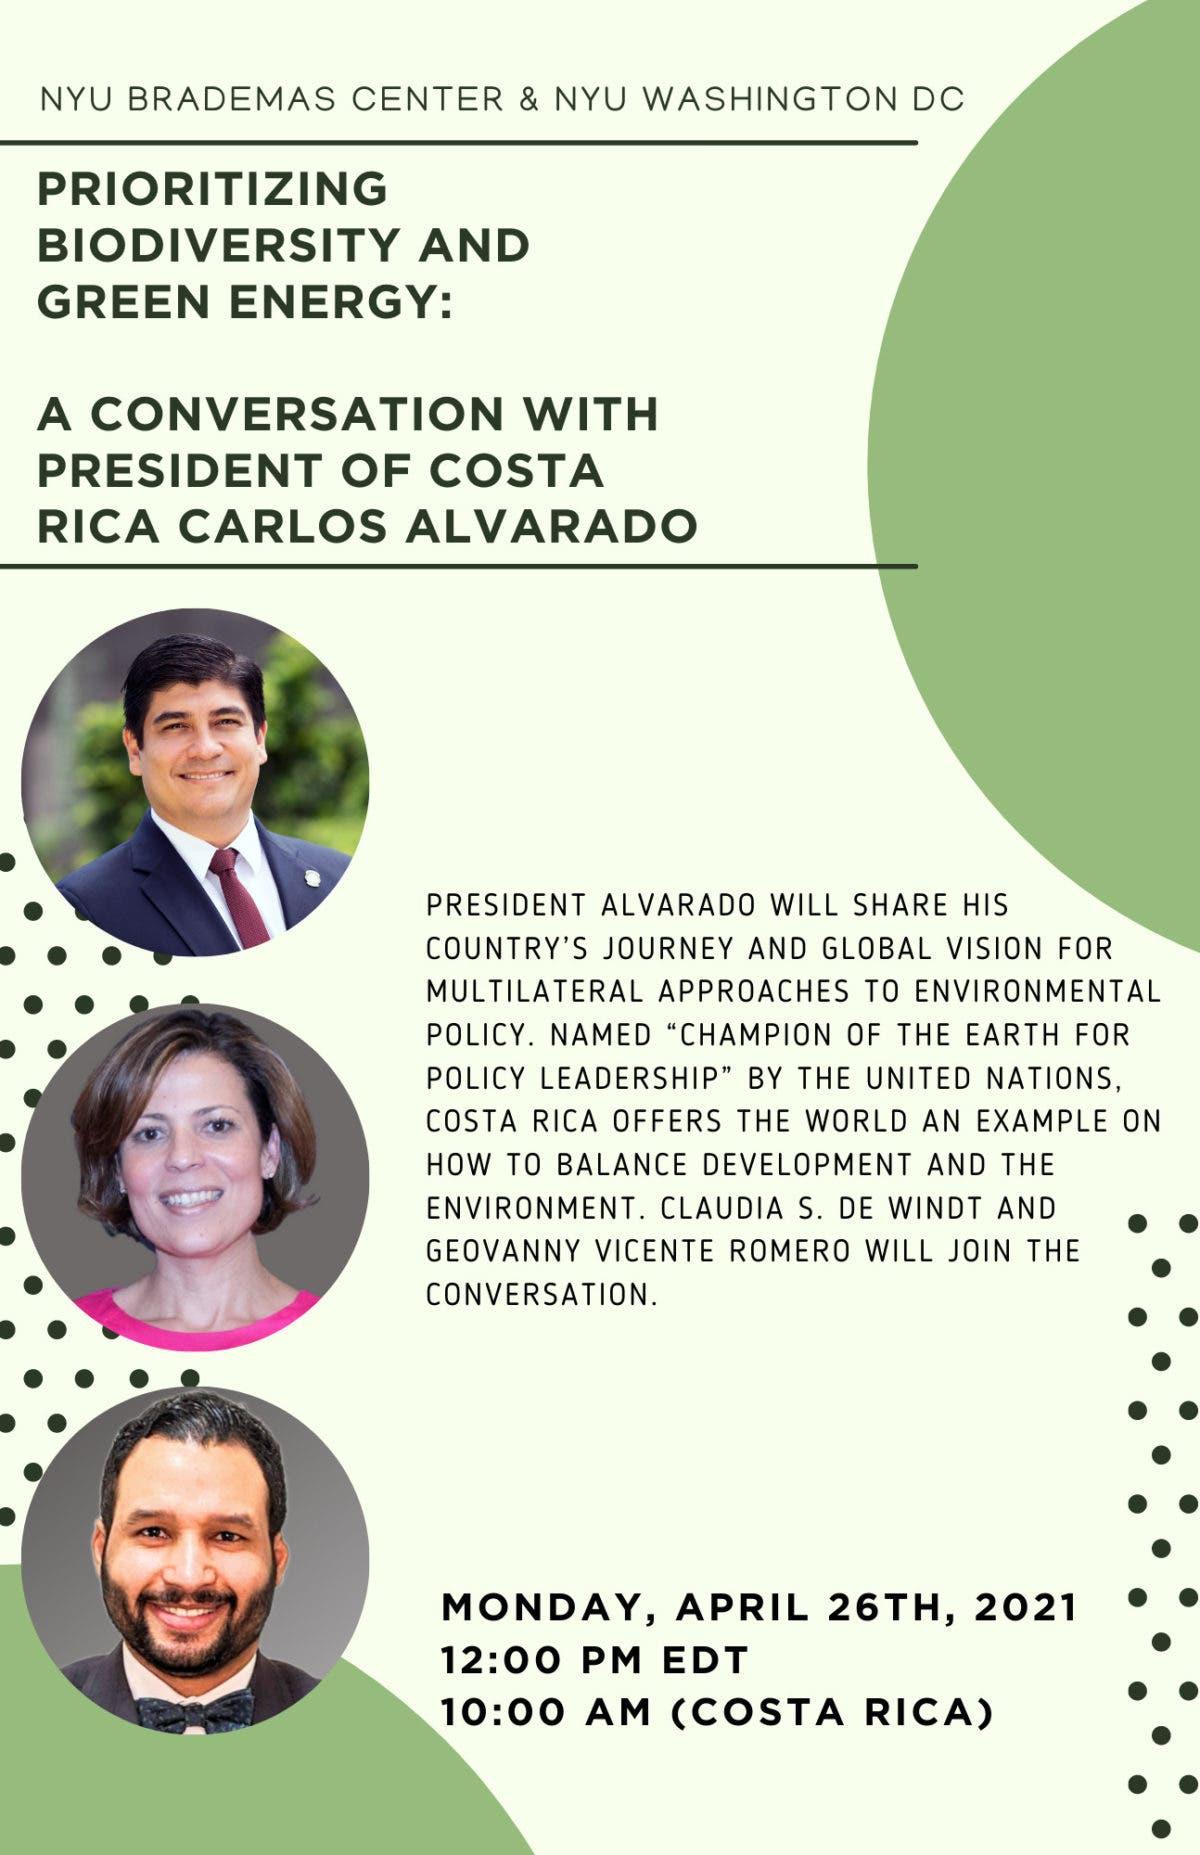 Realizarán diálogo virtual abierto sobre biodiversidad con el presidente Carlos Alvarado